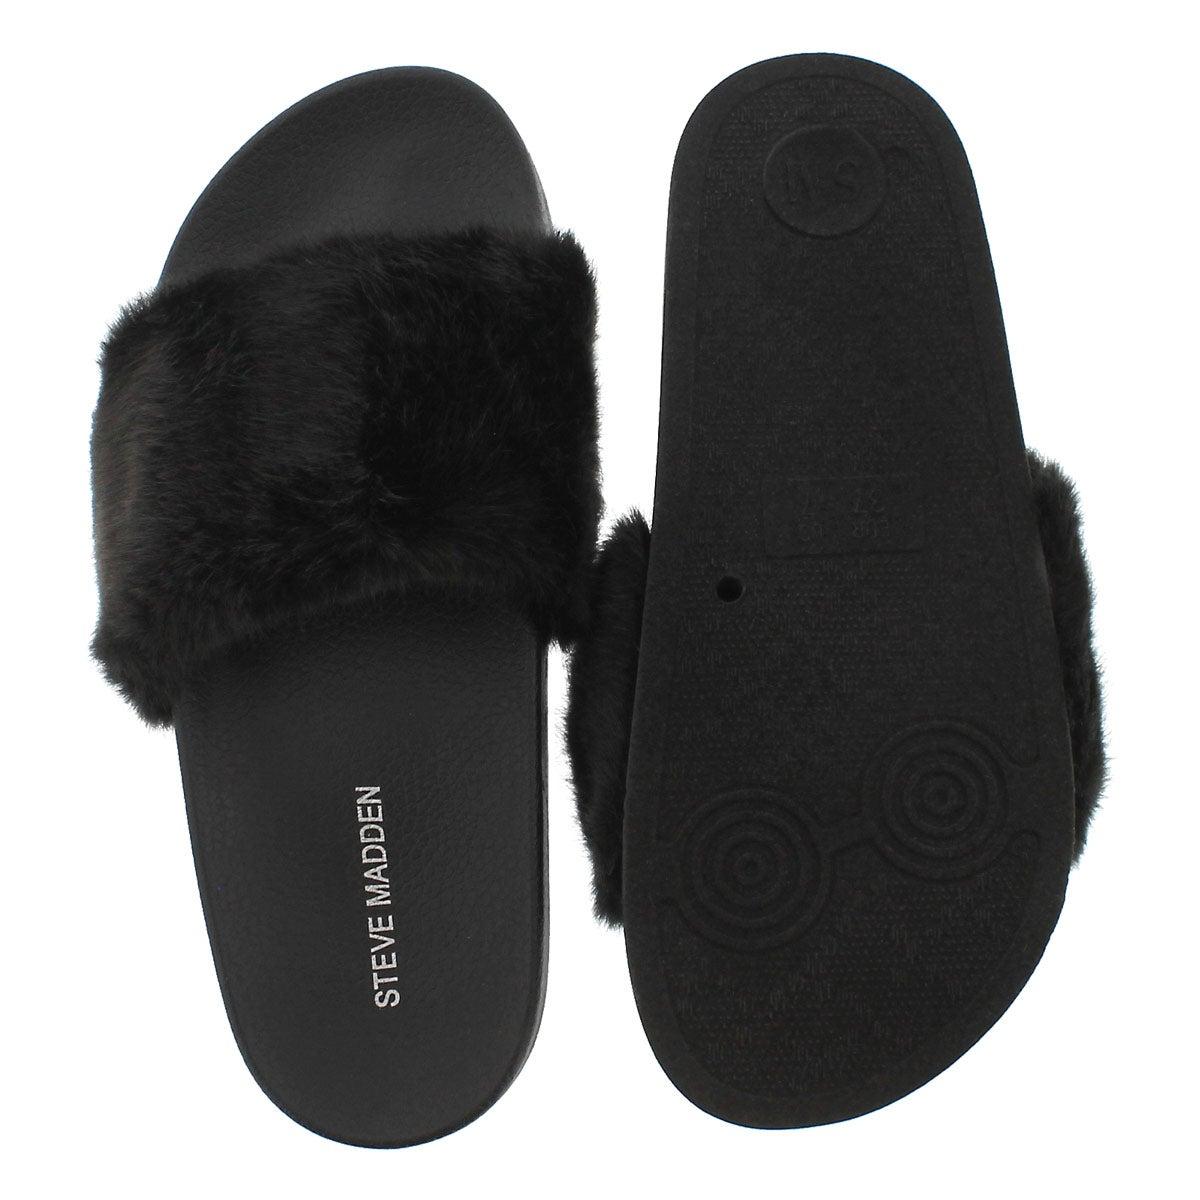 Lds Softey blk fur slide sandal